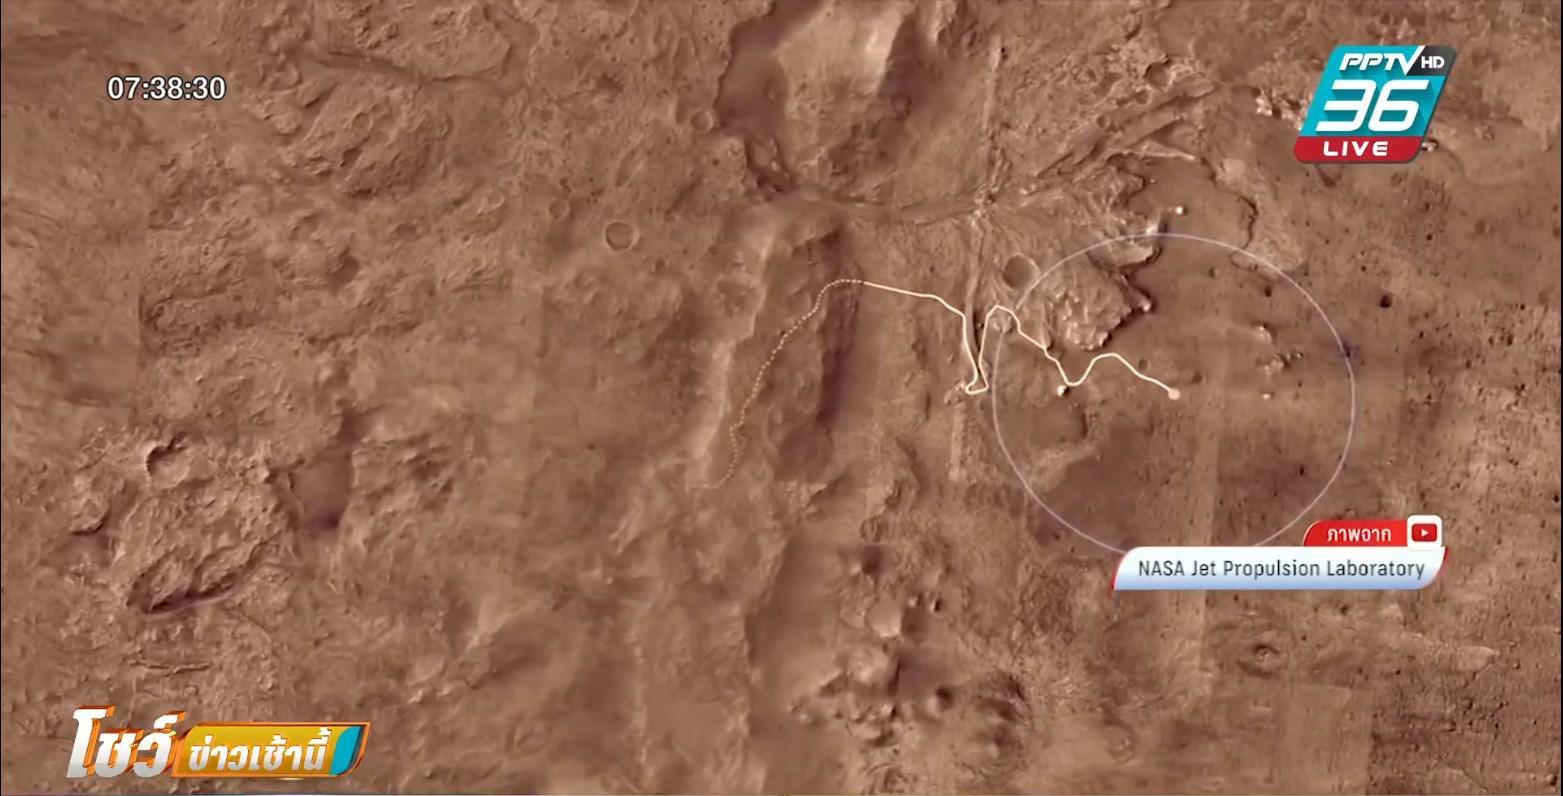 ยานนาซา ใกล้ถึงดาวอังคาร ค้นร่องรอยเอเลียน พบจุดเคยเป็นแม่น้ำ